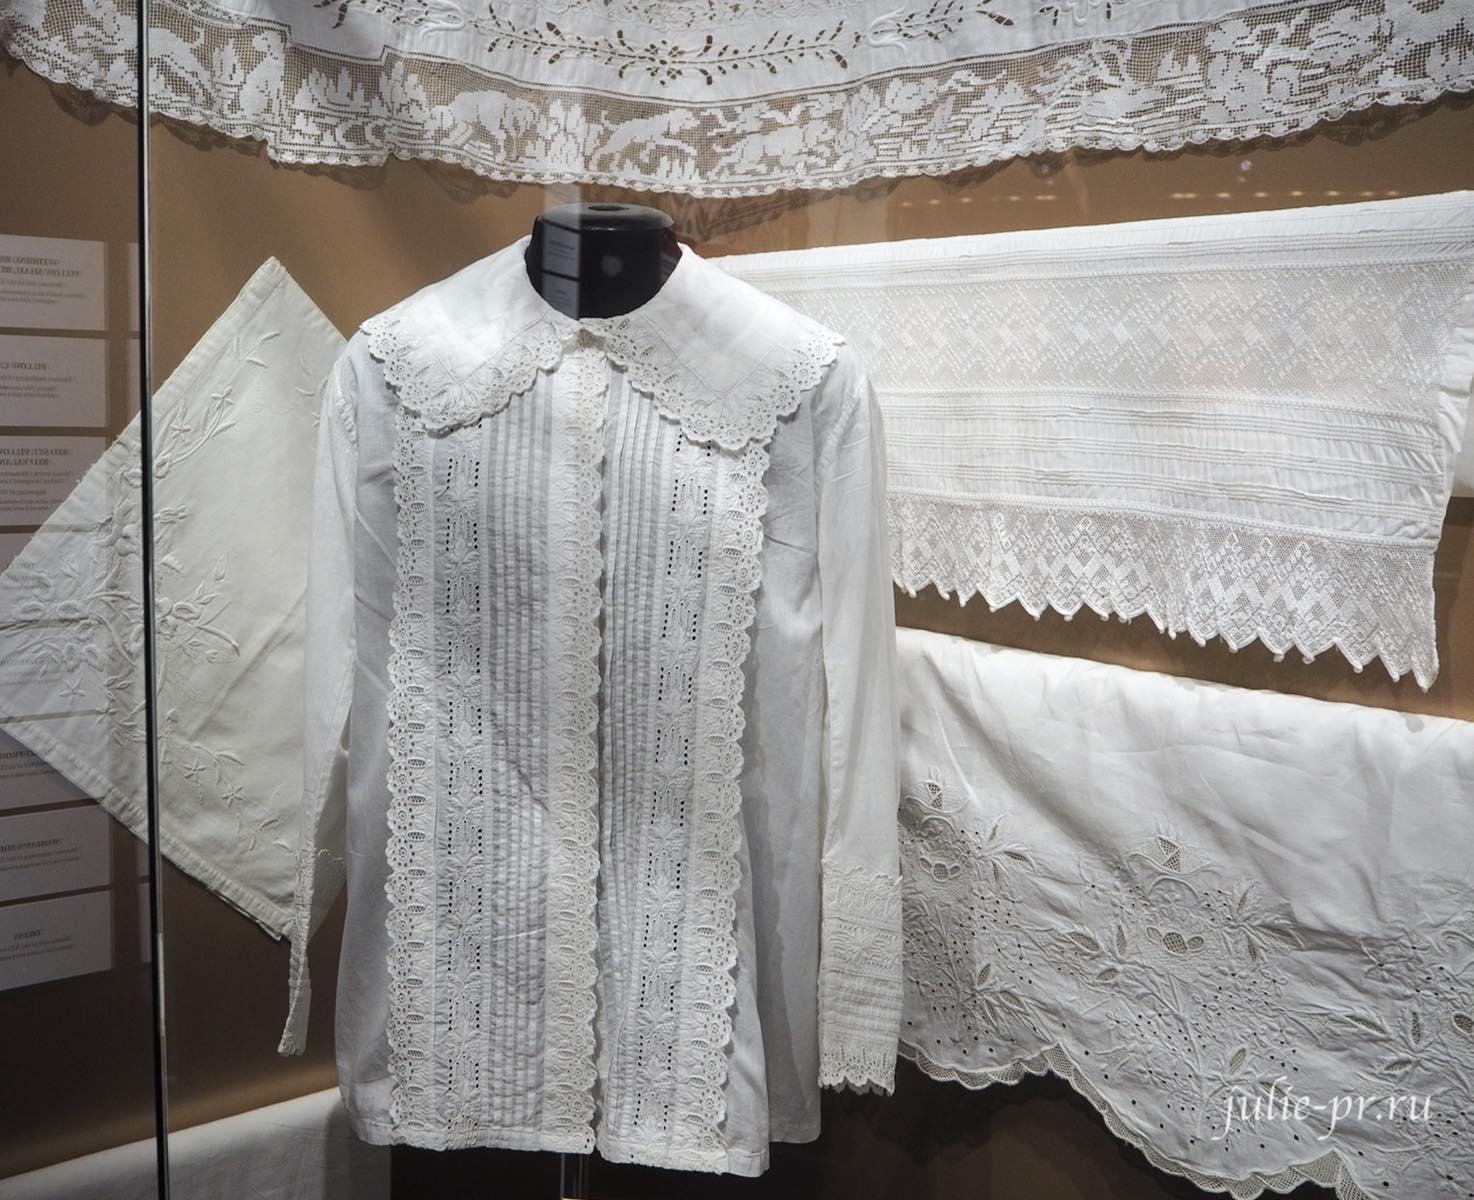 Блуза (Москва, начало XX века): х/б полотно, вышивка английской гладью